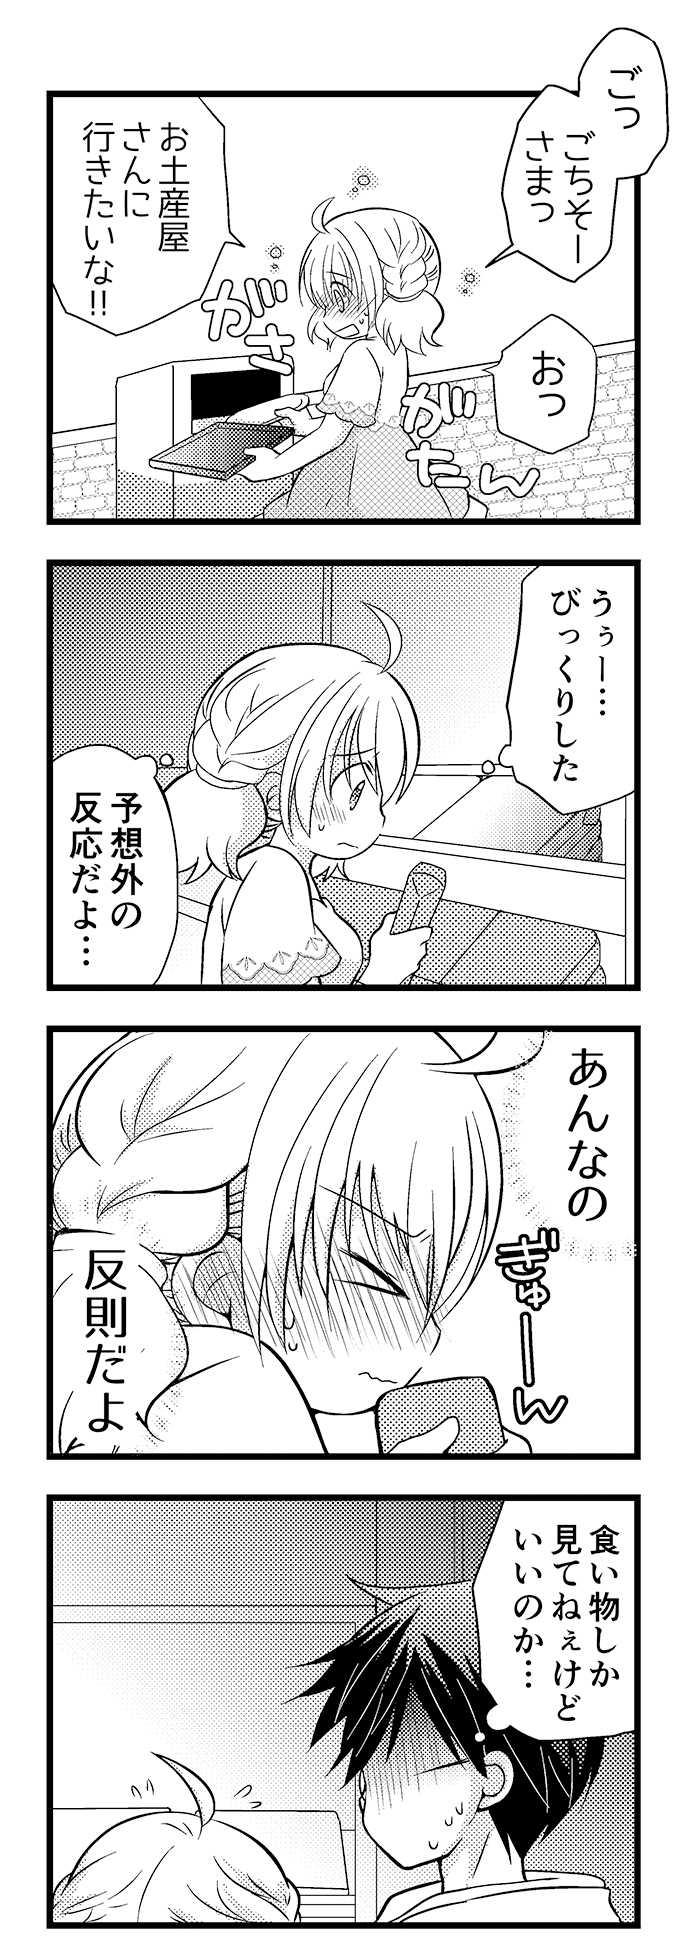 21「さくらとSMILE(12)」